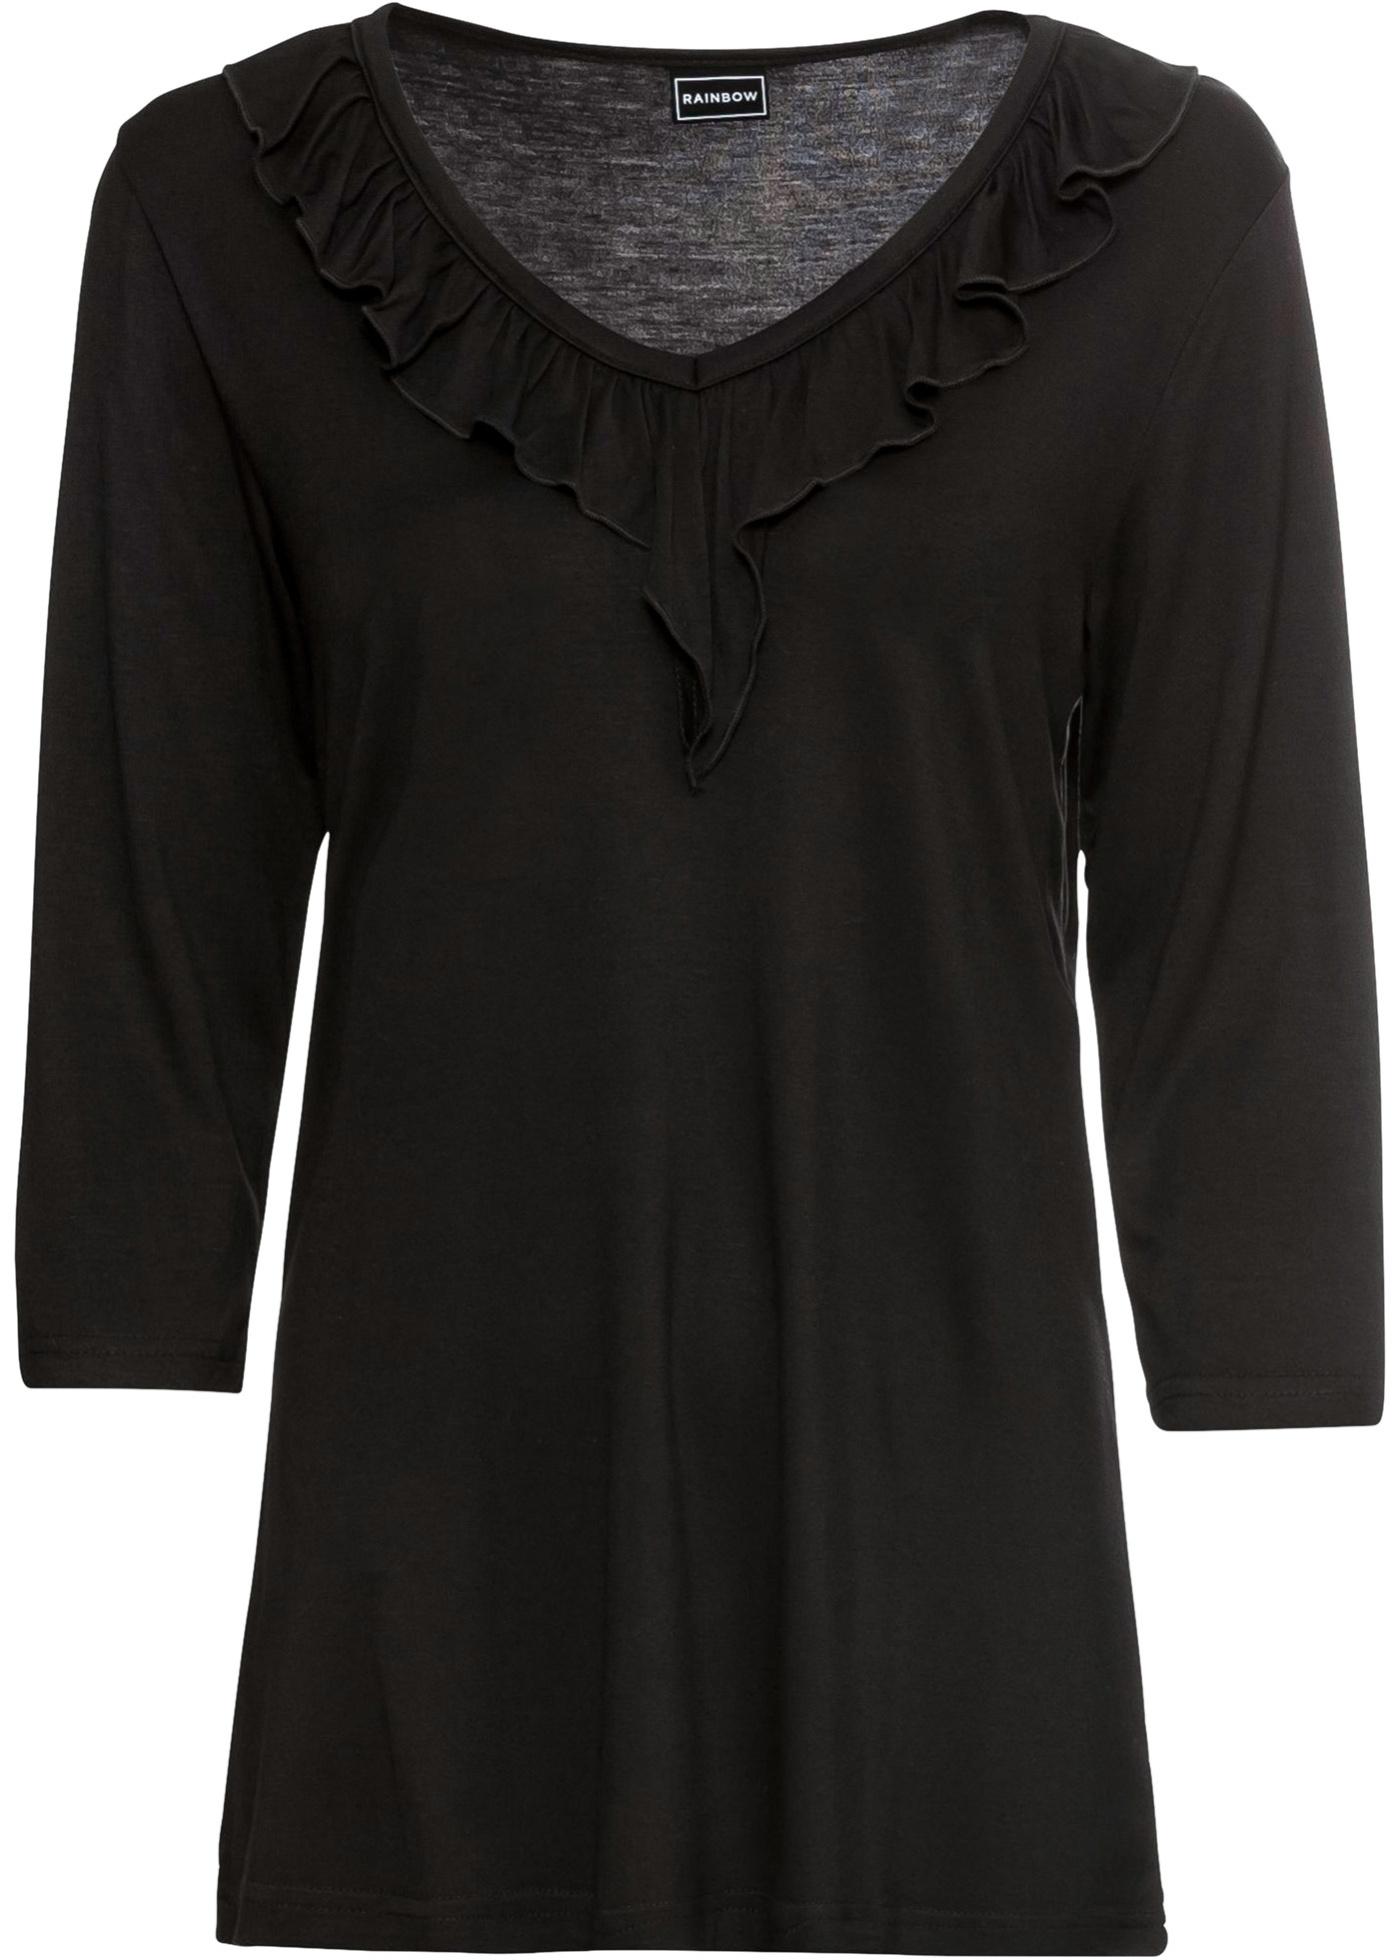 Rainbow Noir 3 Femme shirt Manches 4 BonprixT Pour fgY7byvI6